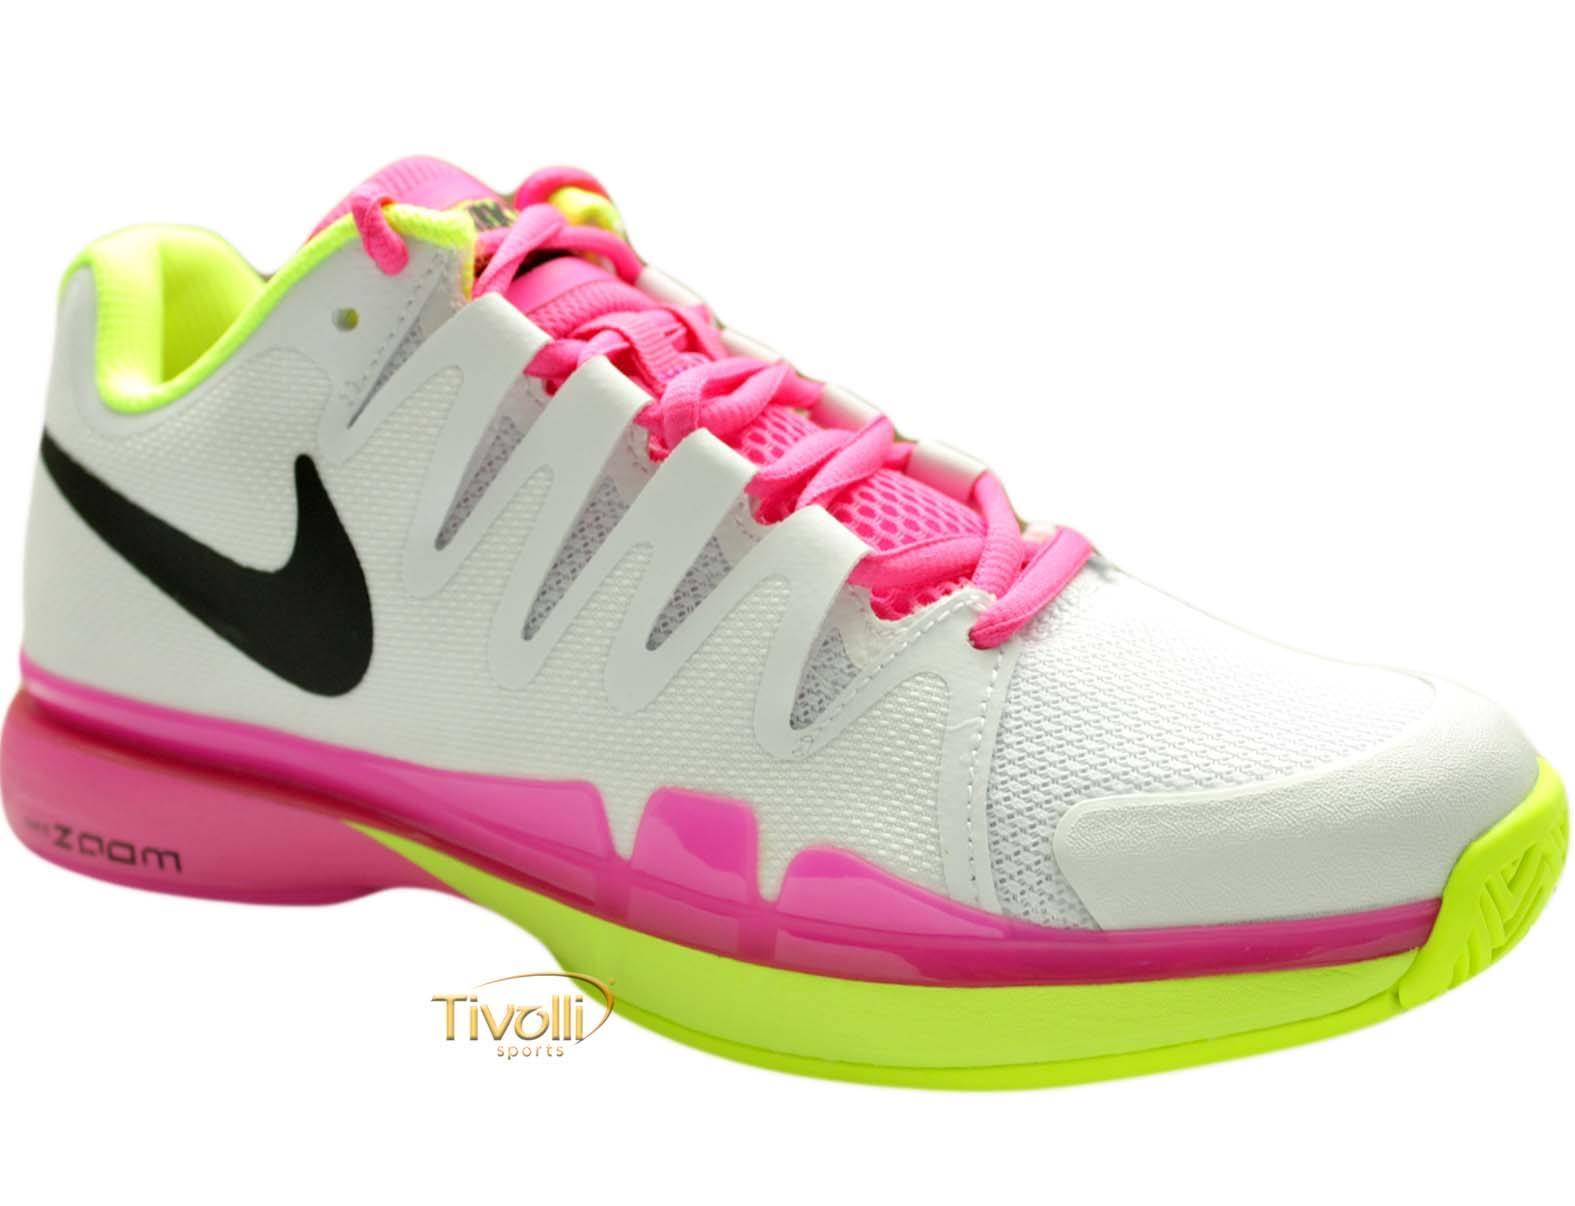 7d76d6c240d Tênis Nike Zoom Vapor 9.5 Tour   feminino branco rosa e amarelo